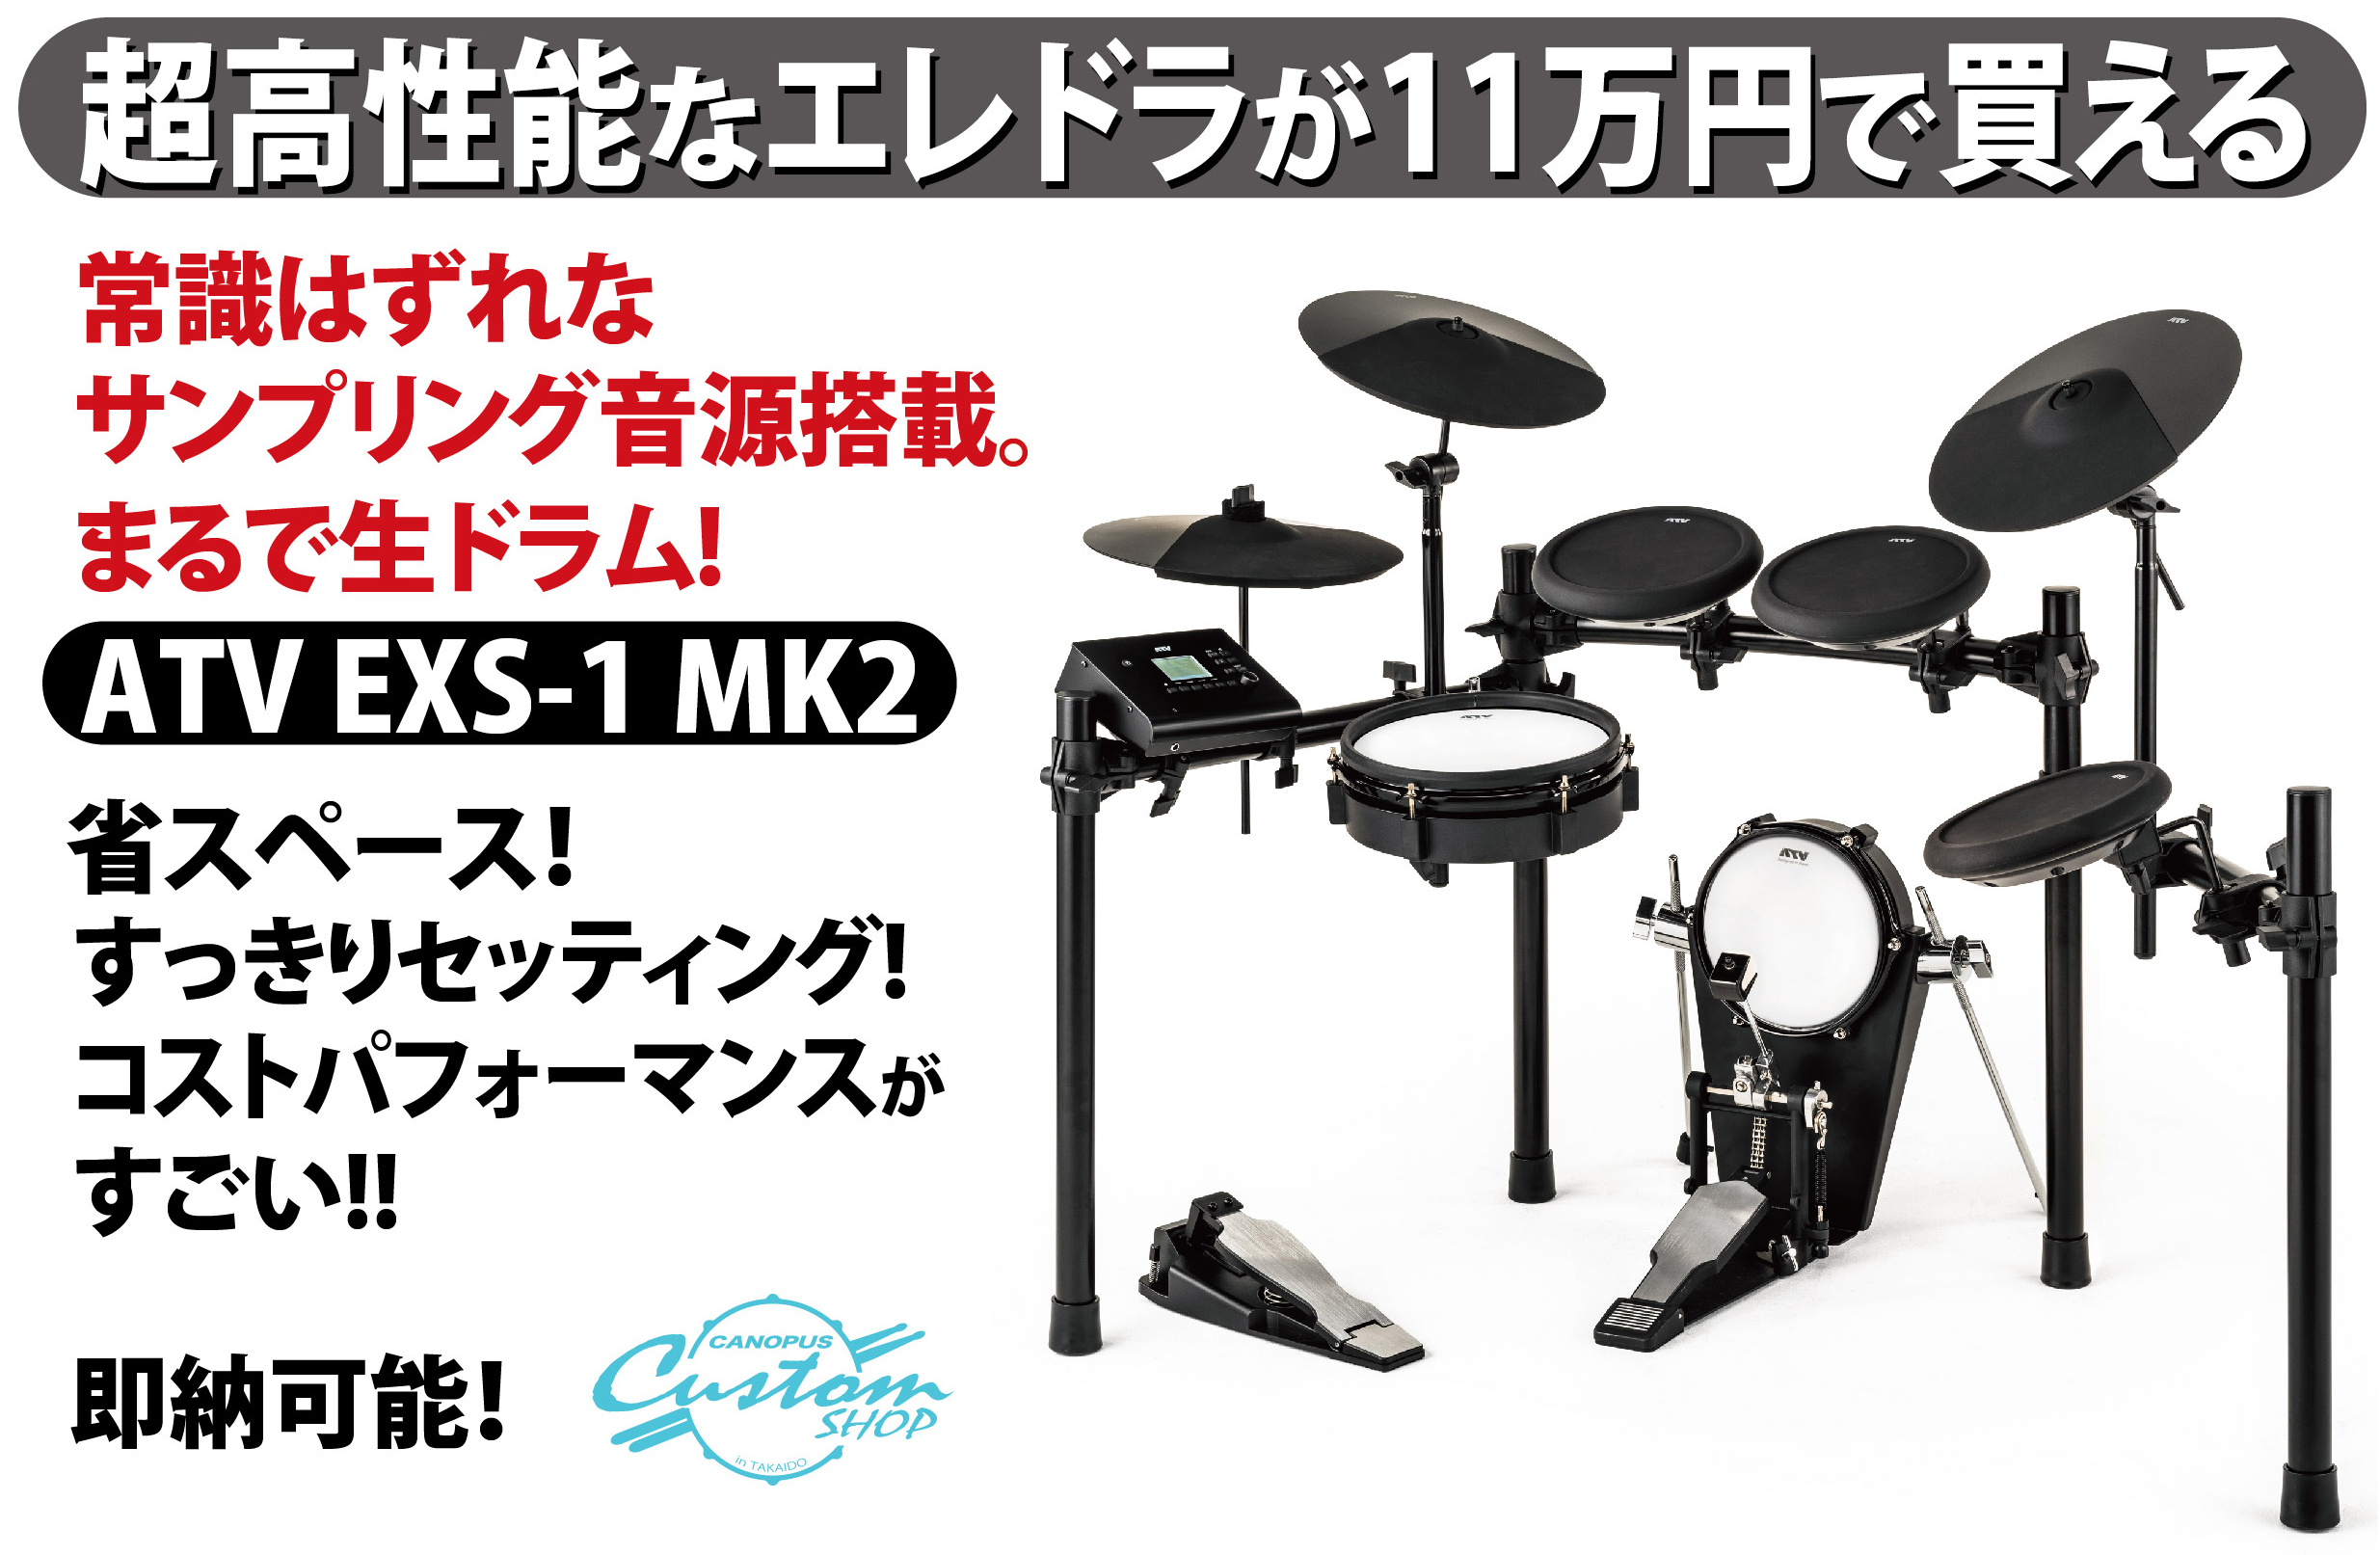 ATV EXS-1 MK2